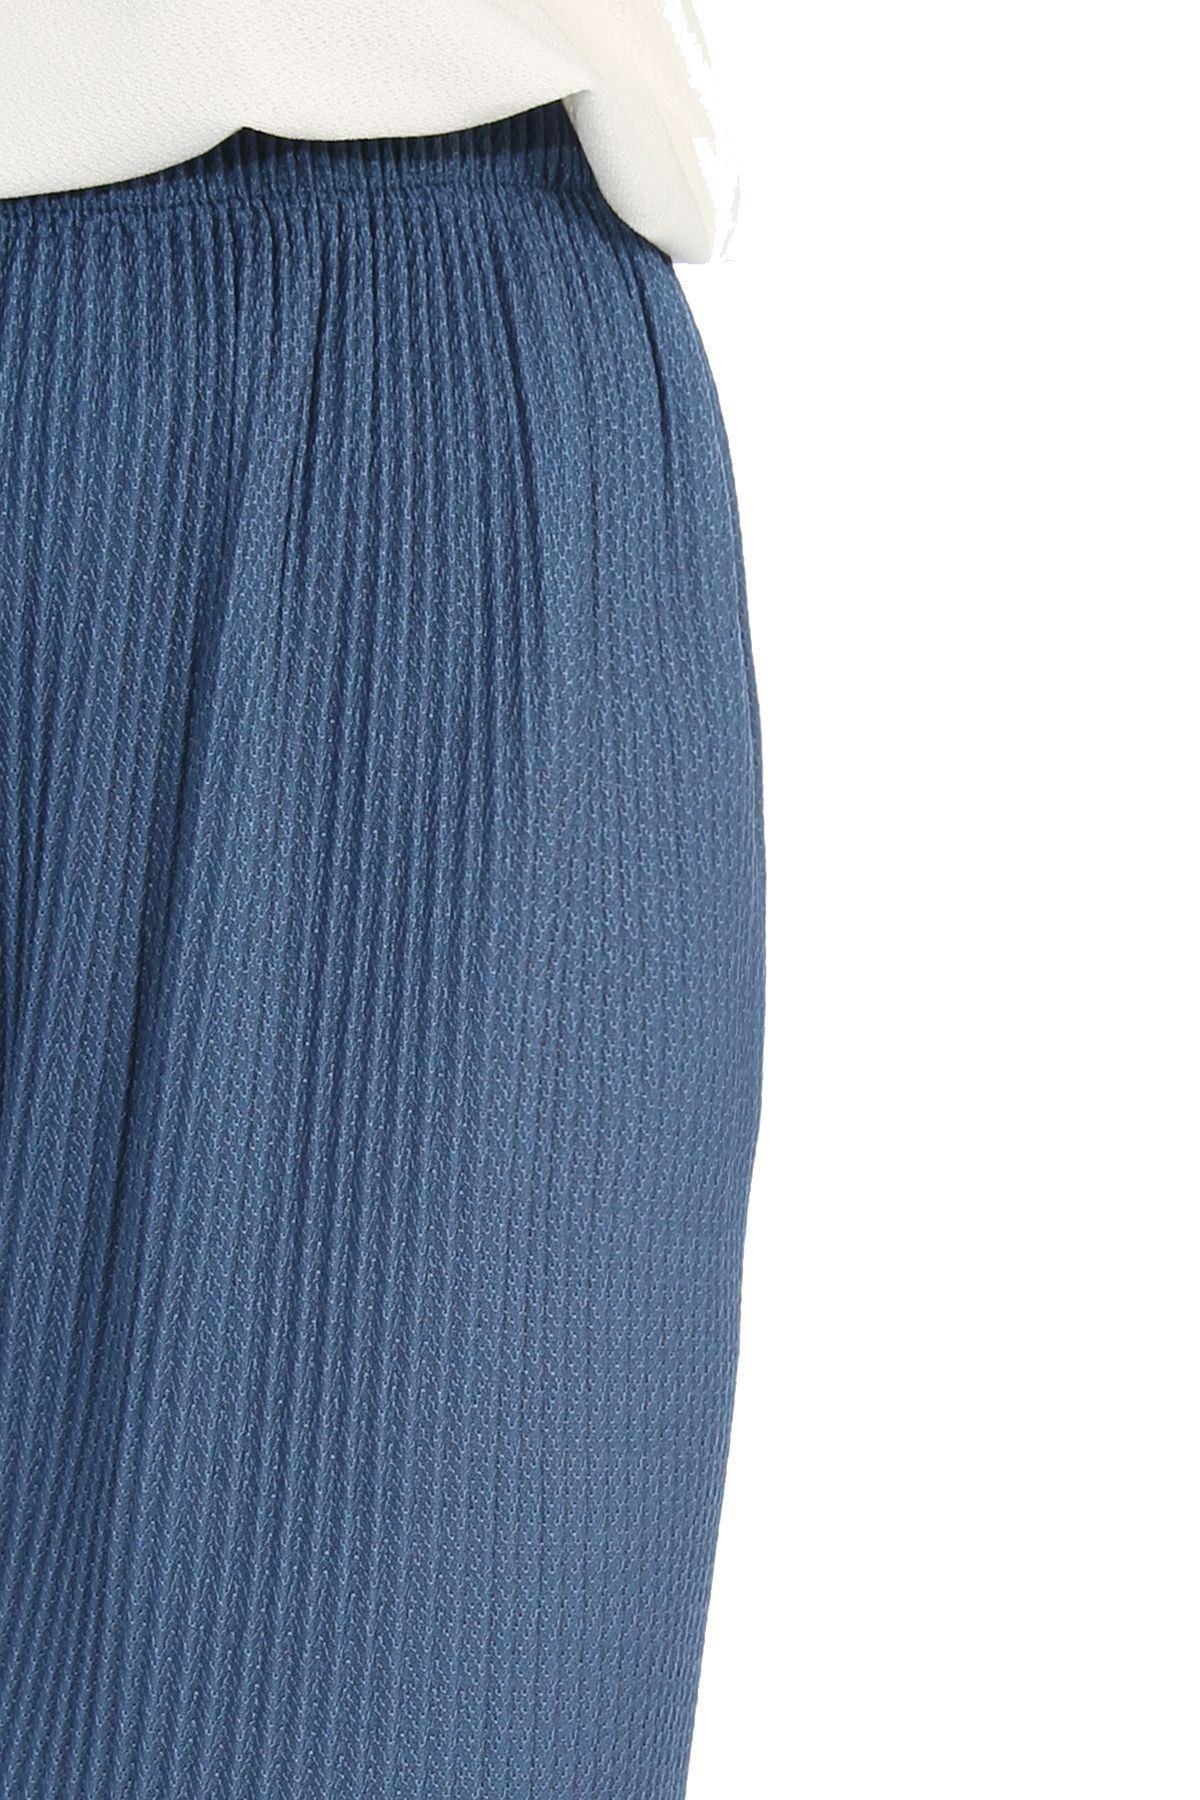 Lastikli Piliseli Pantolon Efl-İndigo